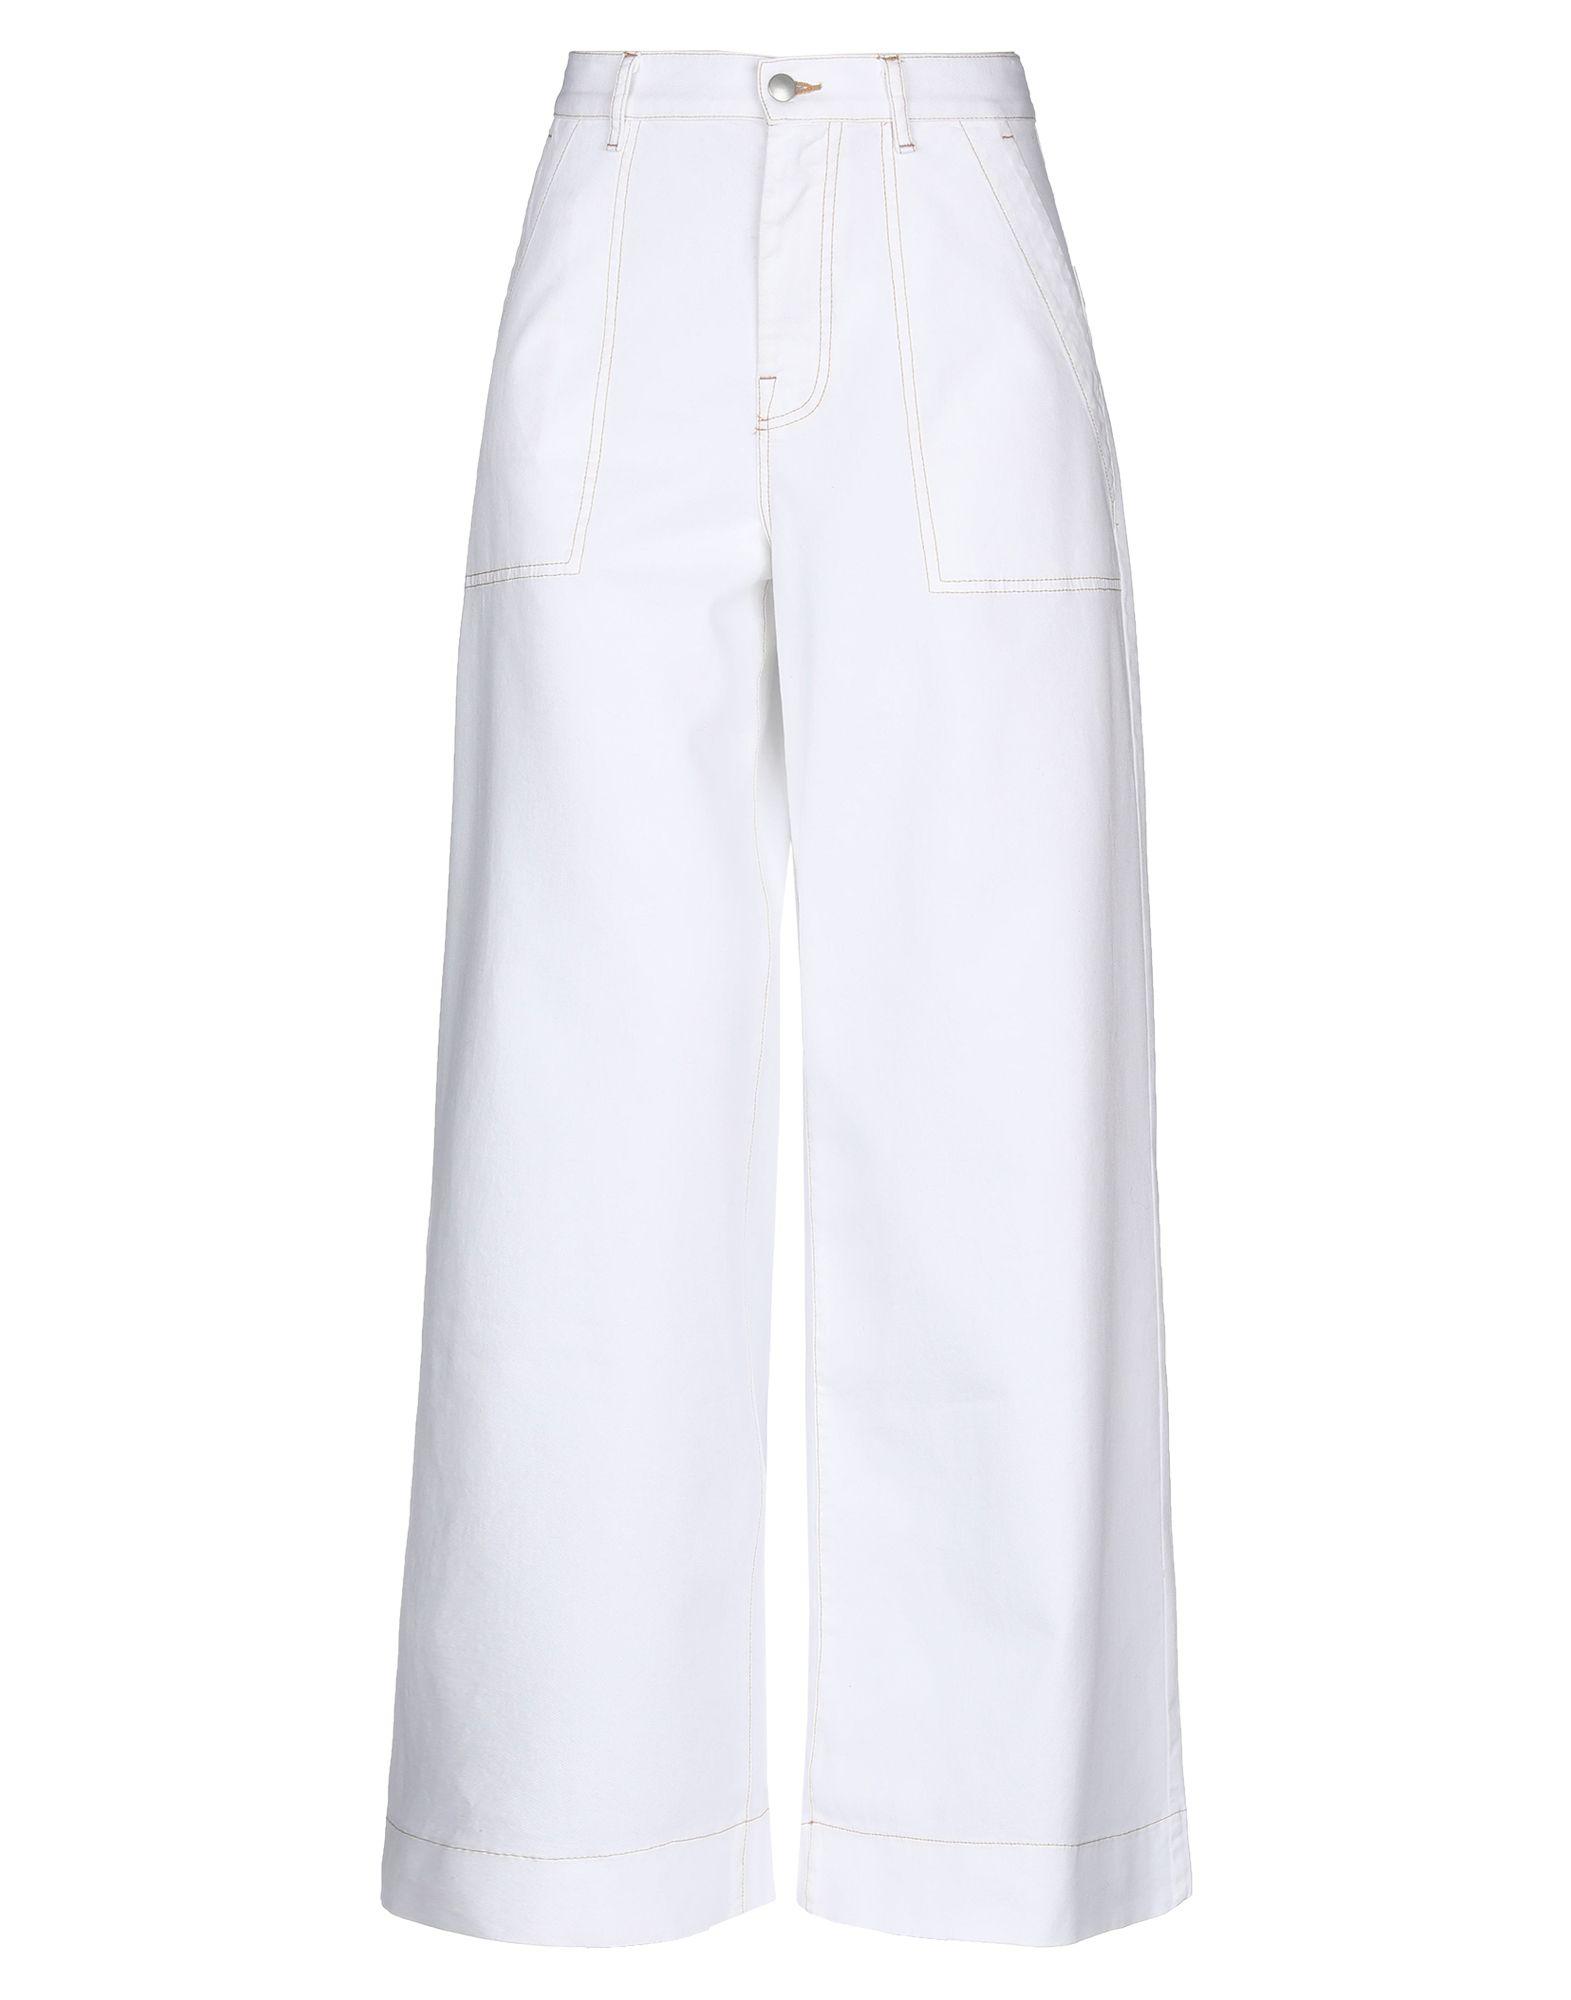 около женские белые брюки картинки прибор специально для